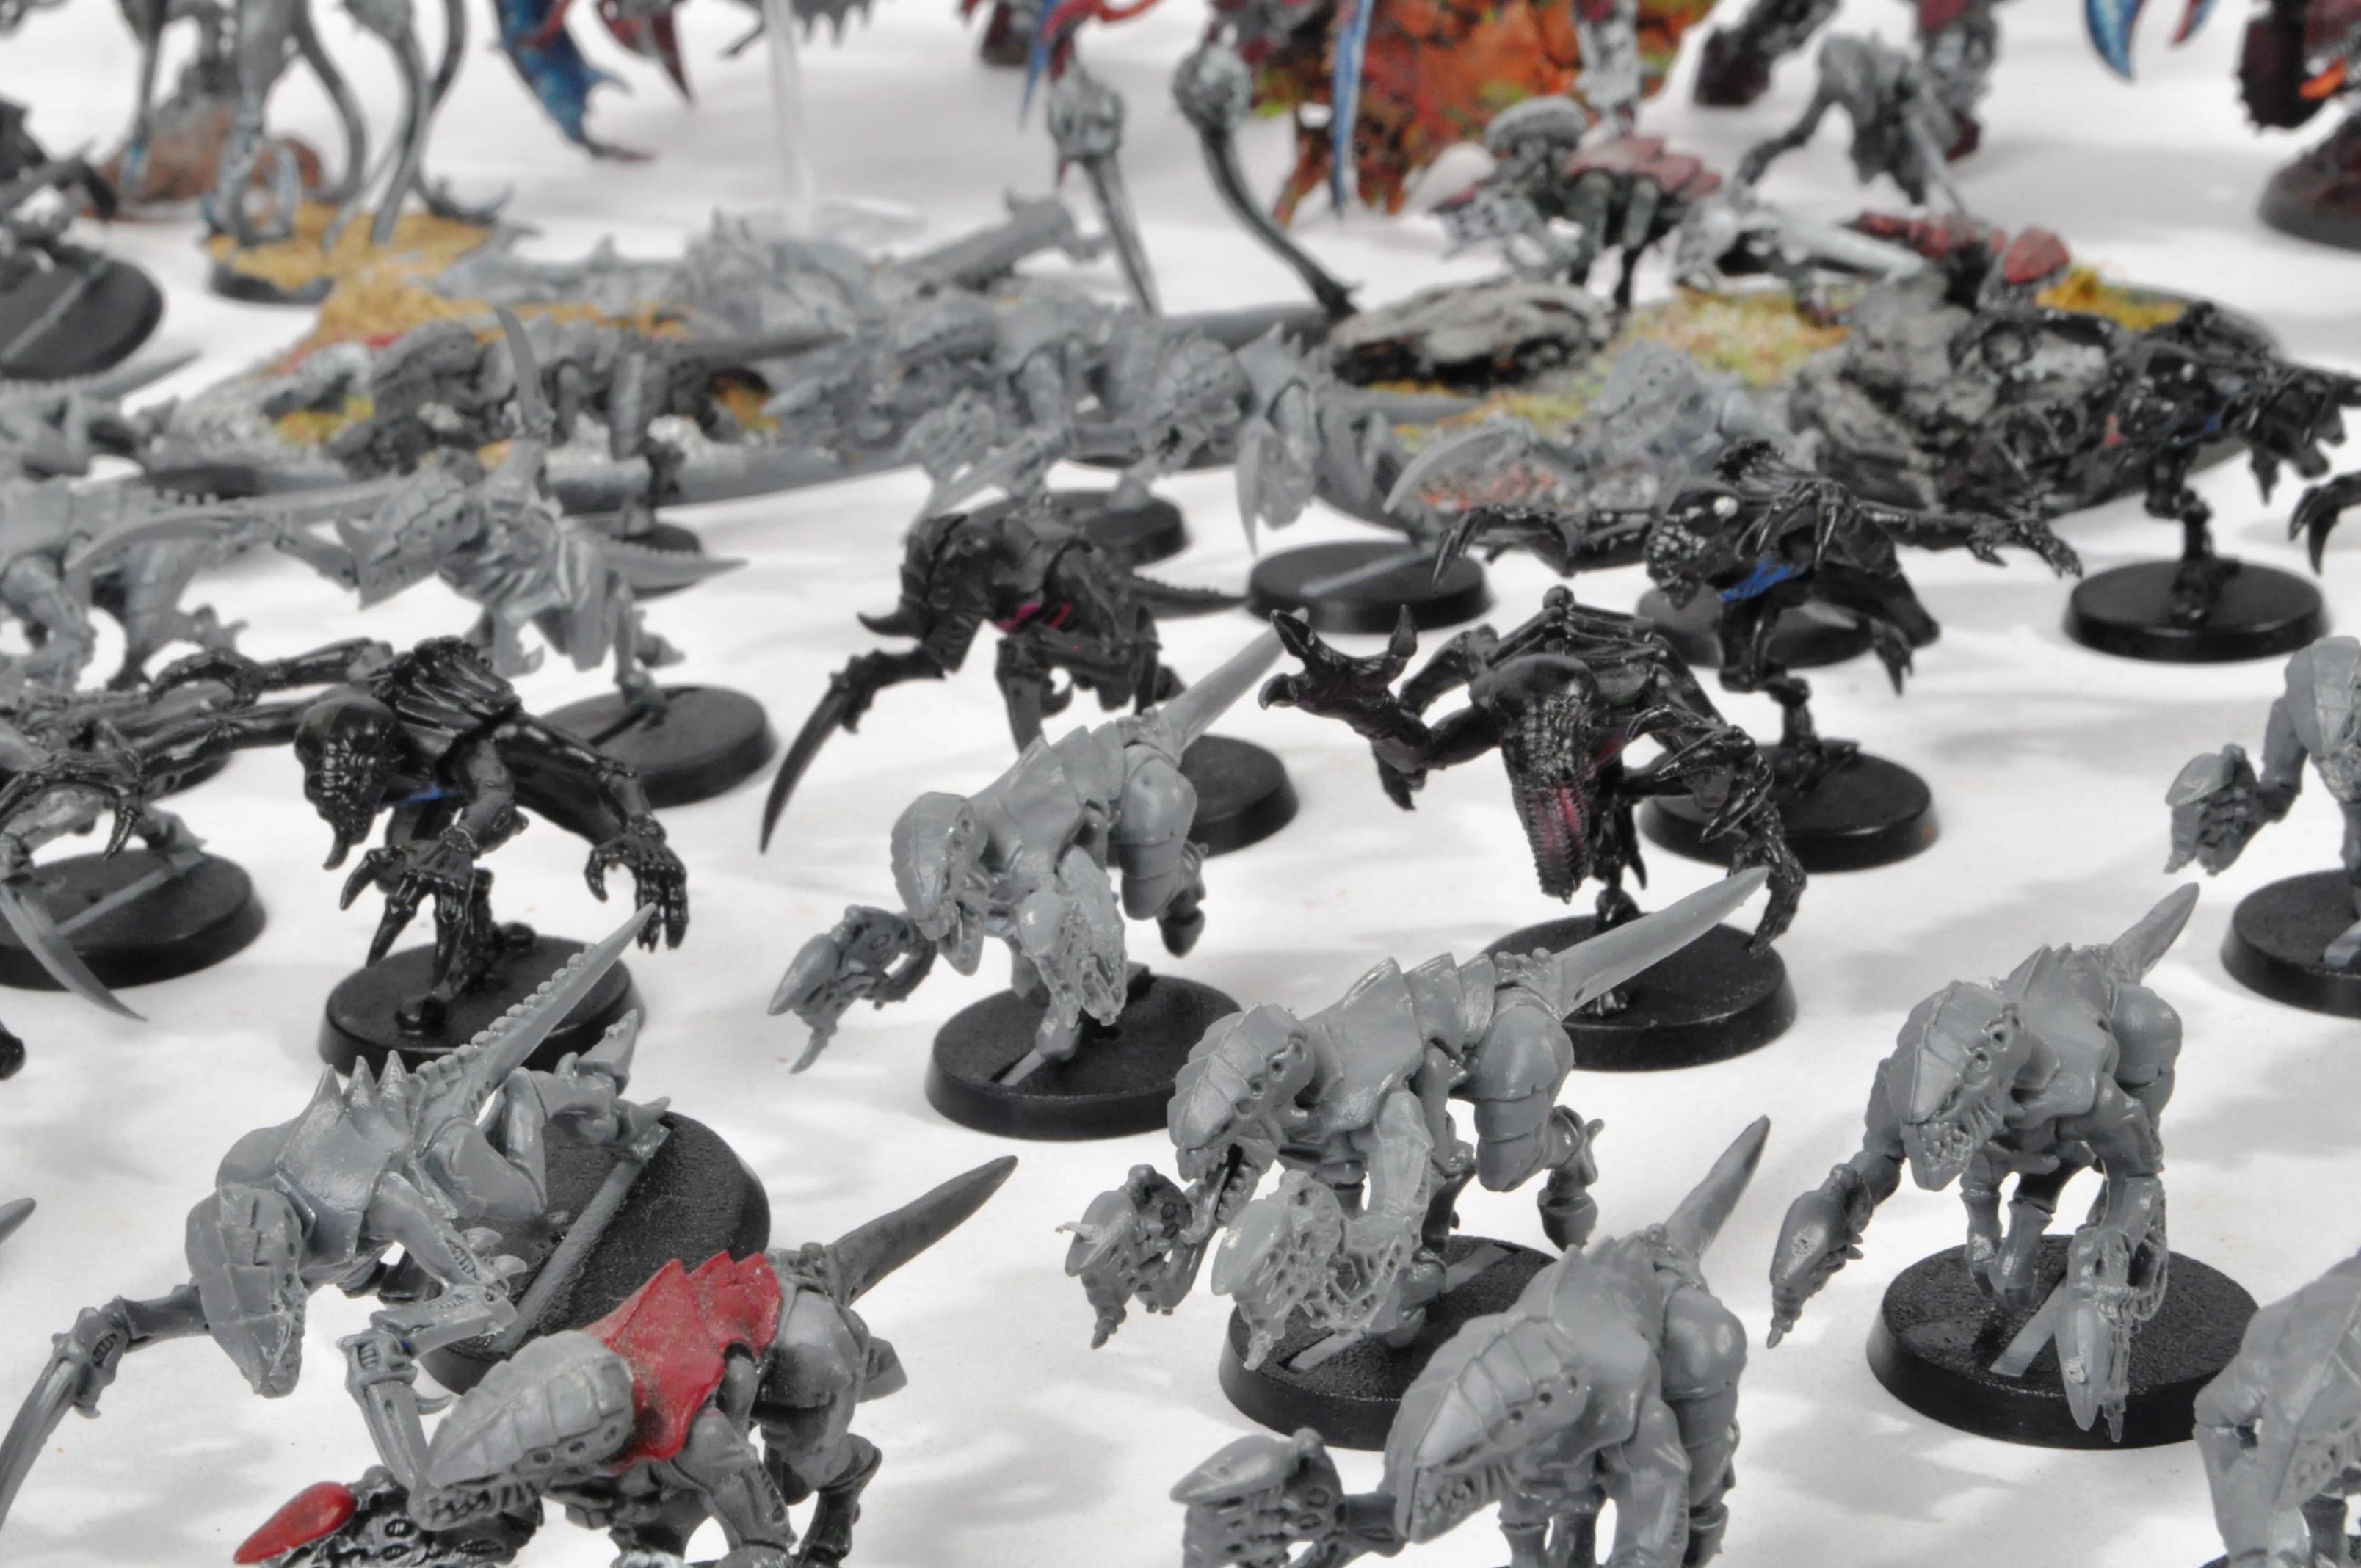 LARGE WARHAMMER 40K TYRANID ARMY - Image 8 of 12